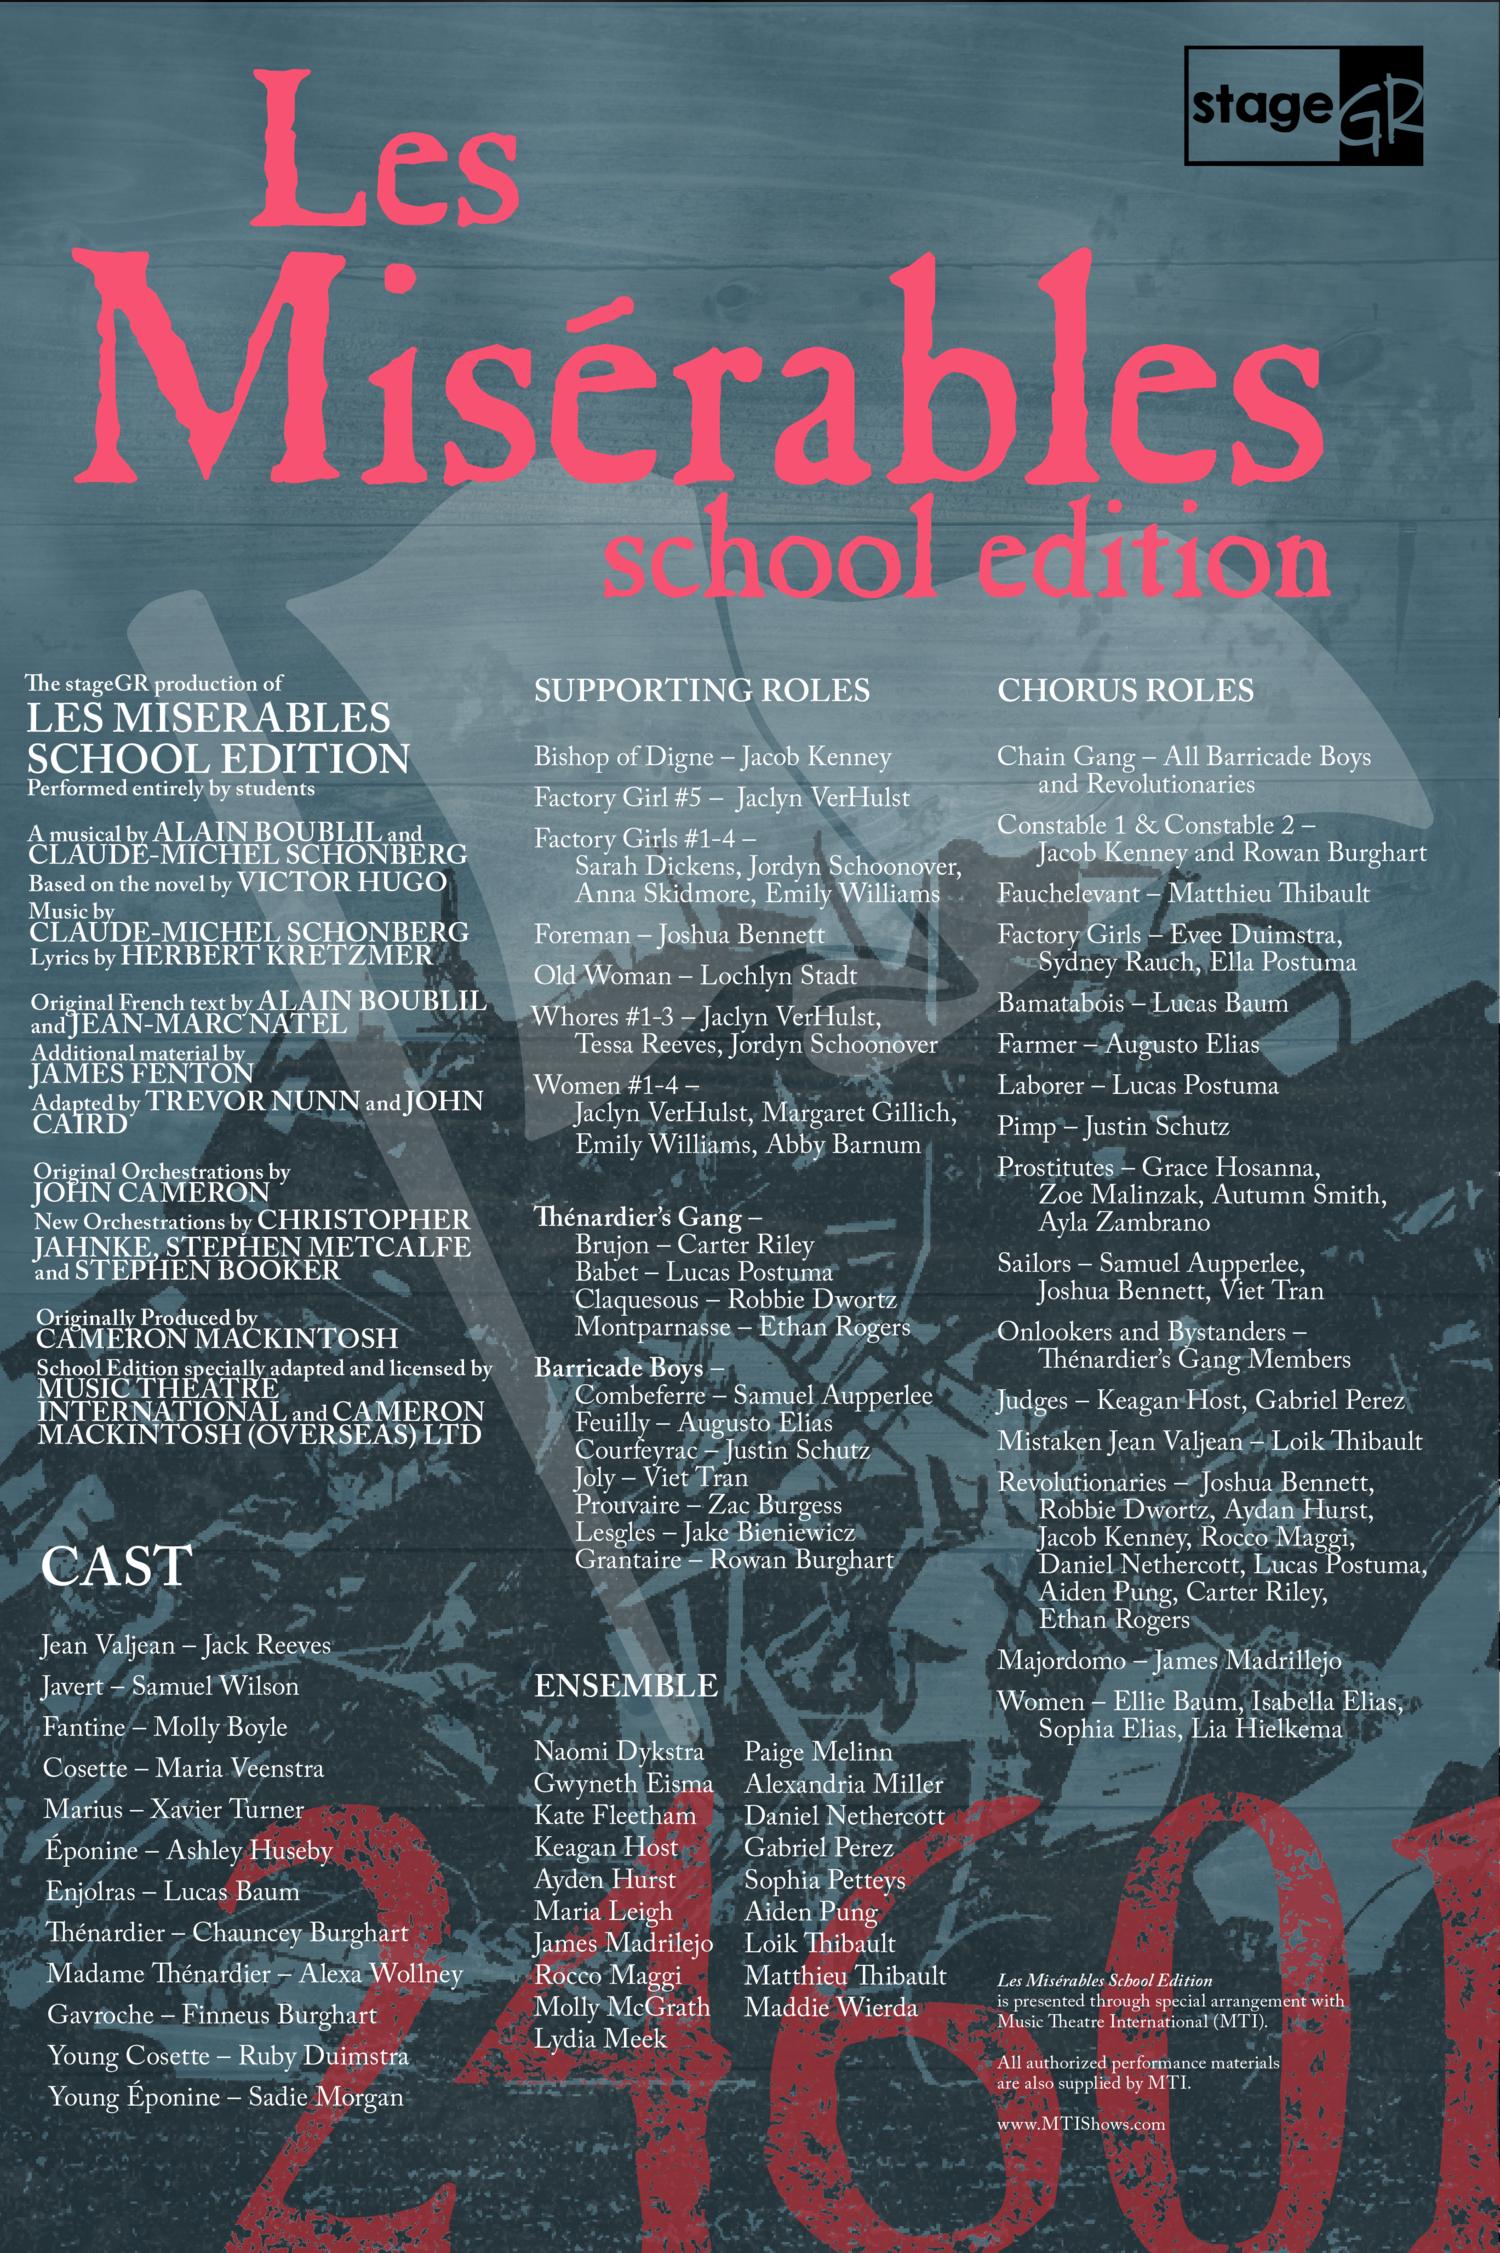 Congratulations to the cast of Les Misérables School Edition